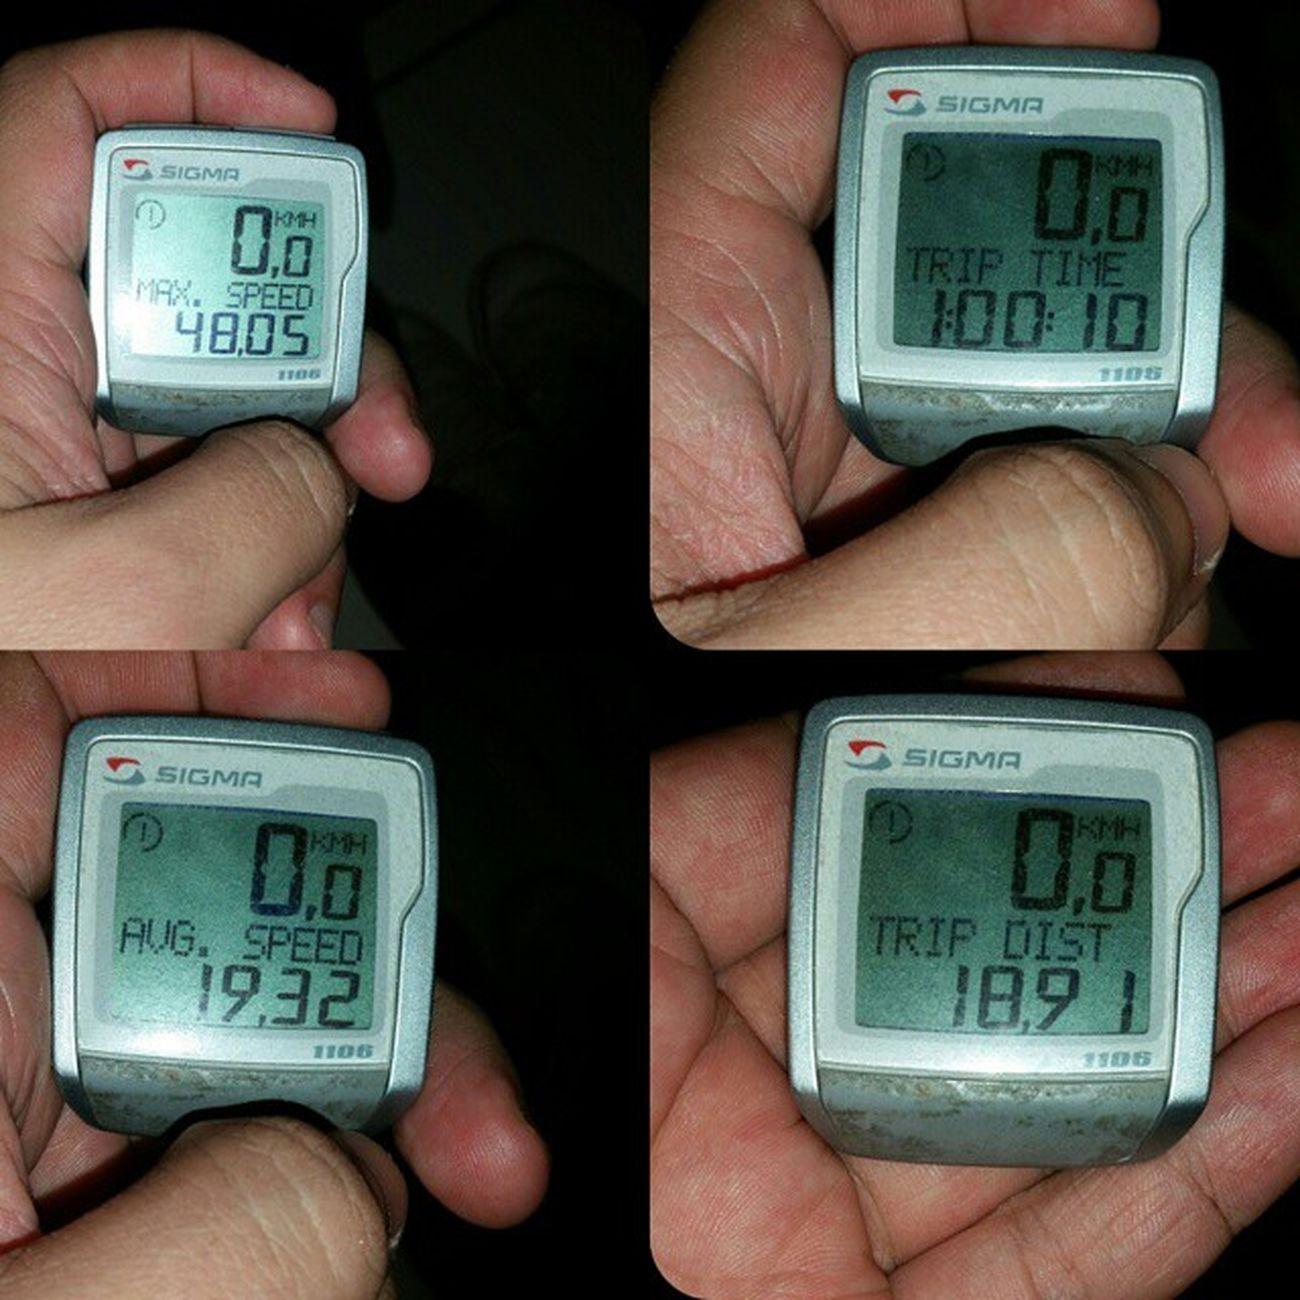 @cicloviasinvisiveis Respeiteumcarroamenos Maisamormenosmotor Hoje foi bem complicado, ainda assim consegui imprimir um bom ritmo. 😉🔋🎧🚲🔝🔥